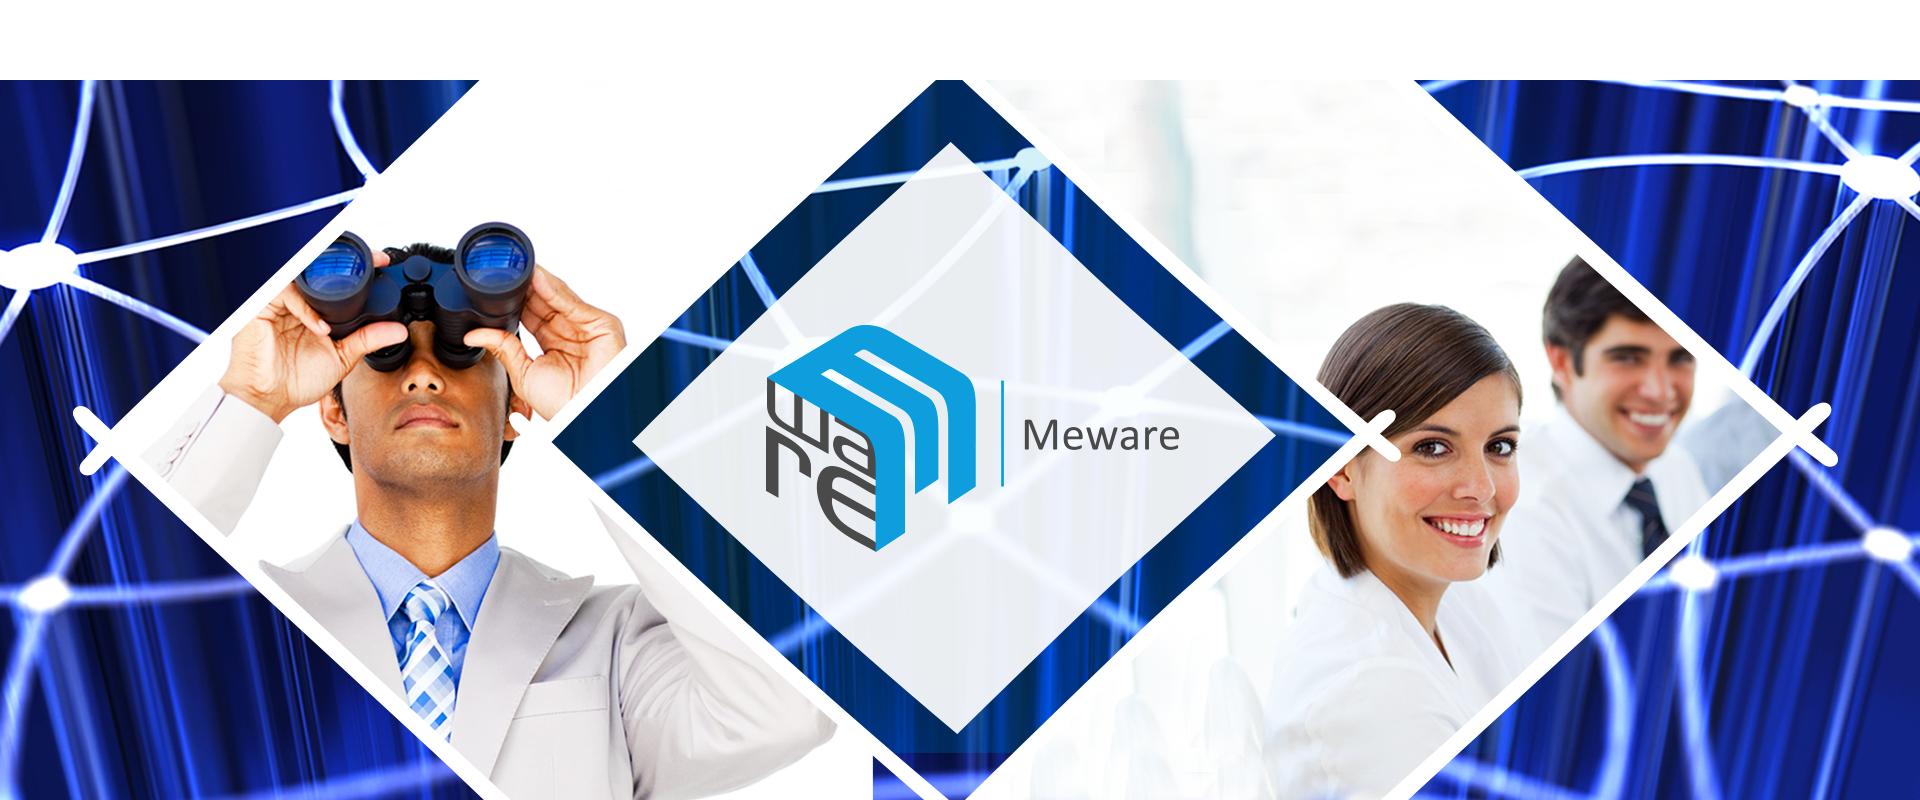 DigiTouch espande il suo raggio d'azione: acquisita Meware per 1,2 milioni